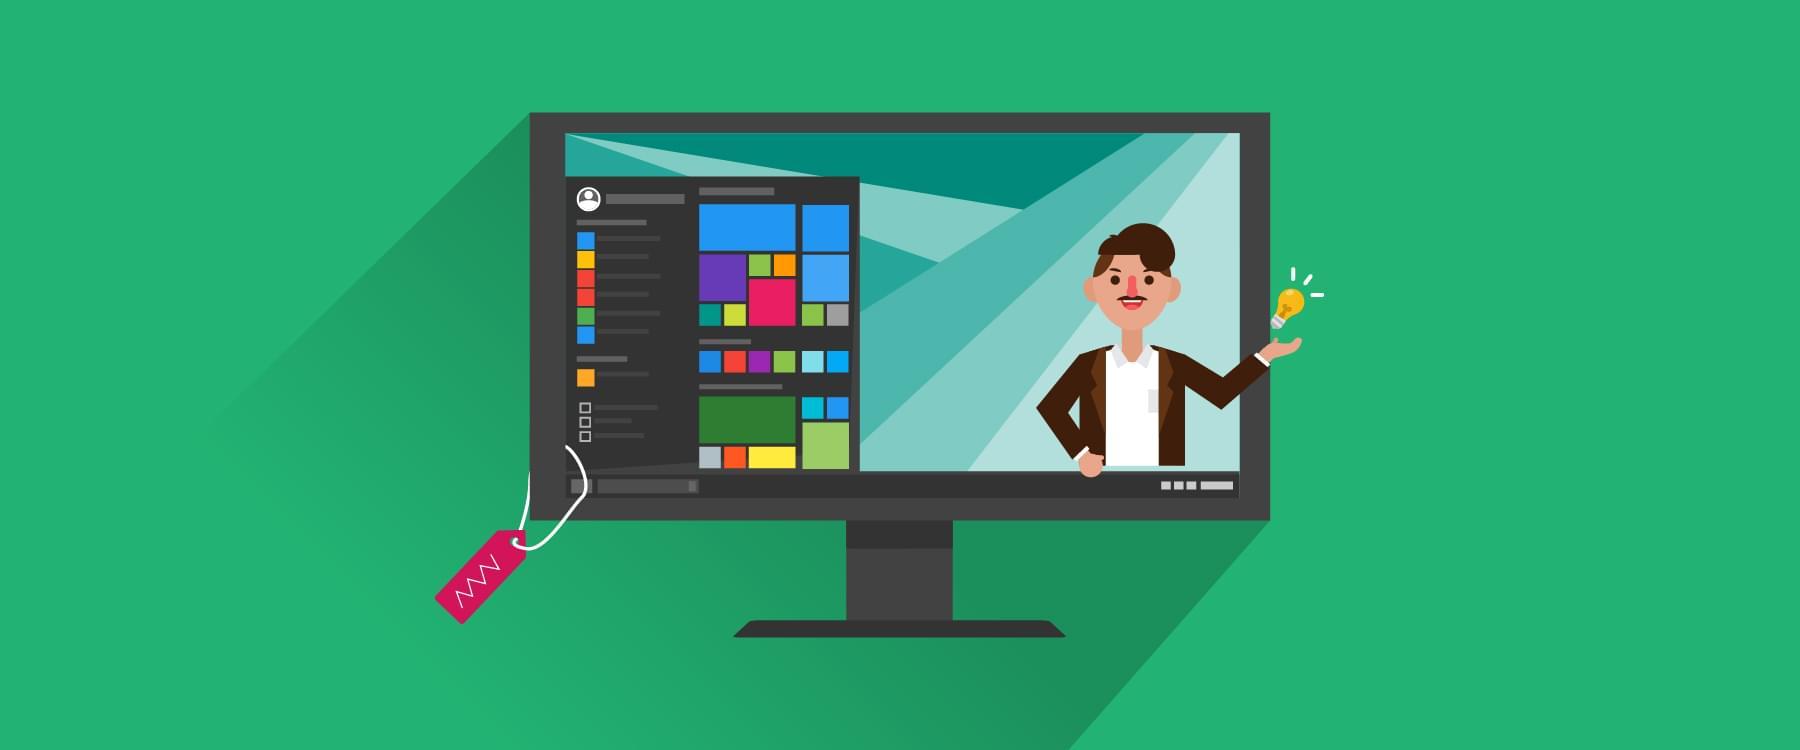 video conferencing comparison